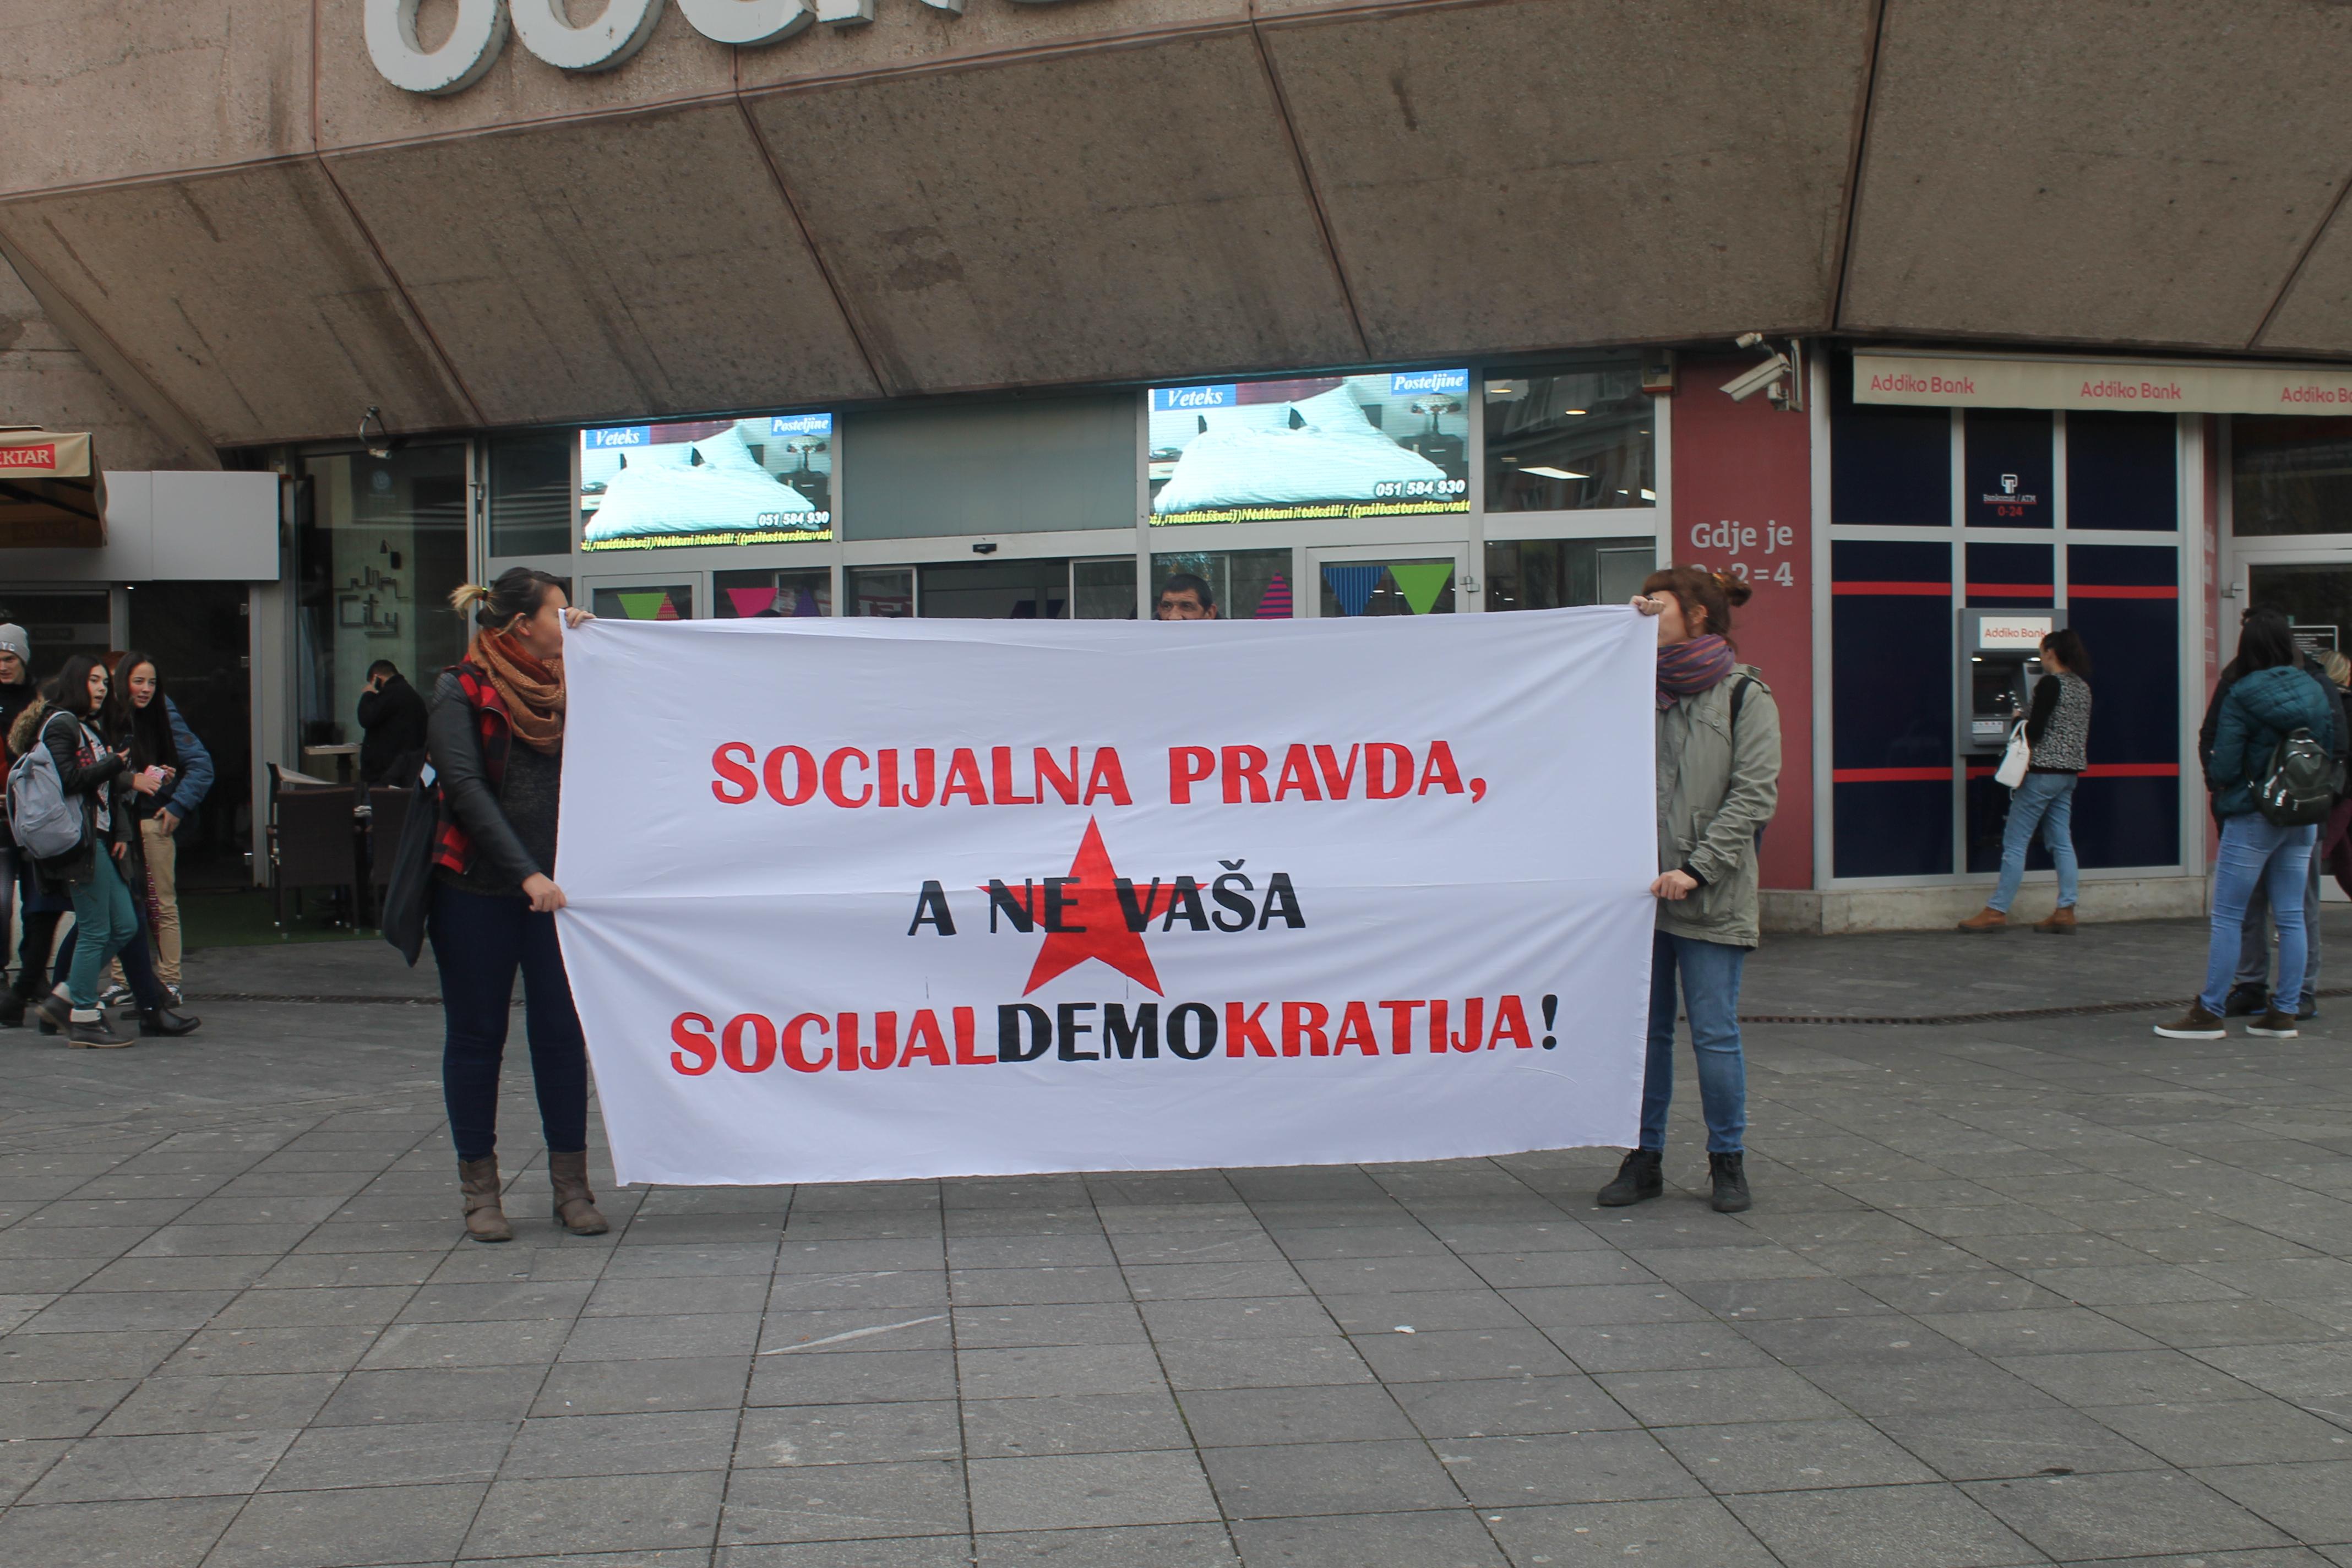 Socijalna pravda, a ne vaša socijaldemokratija!